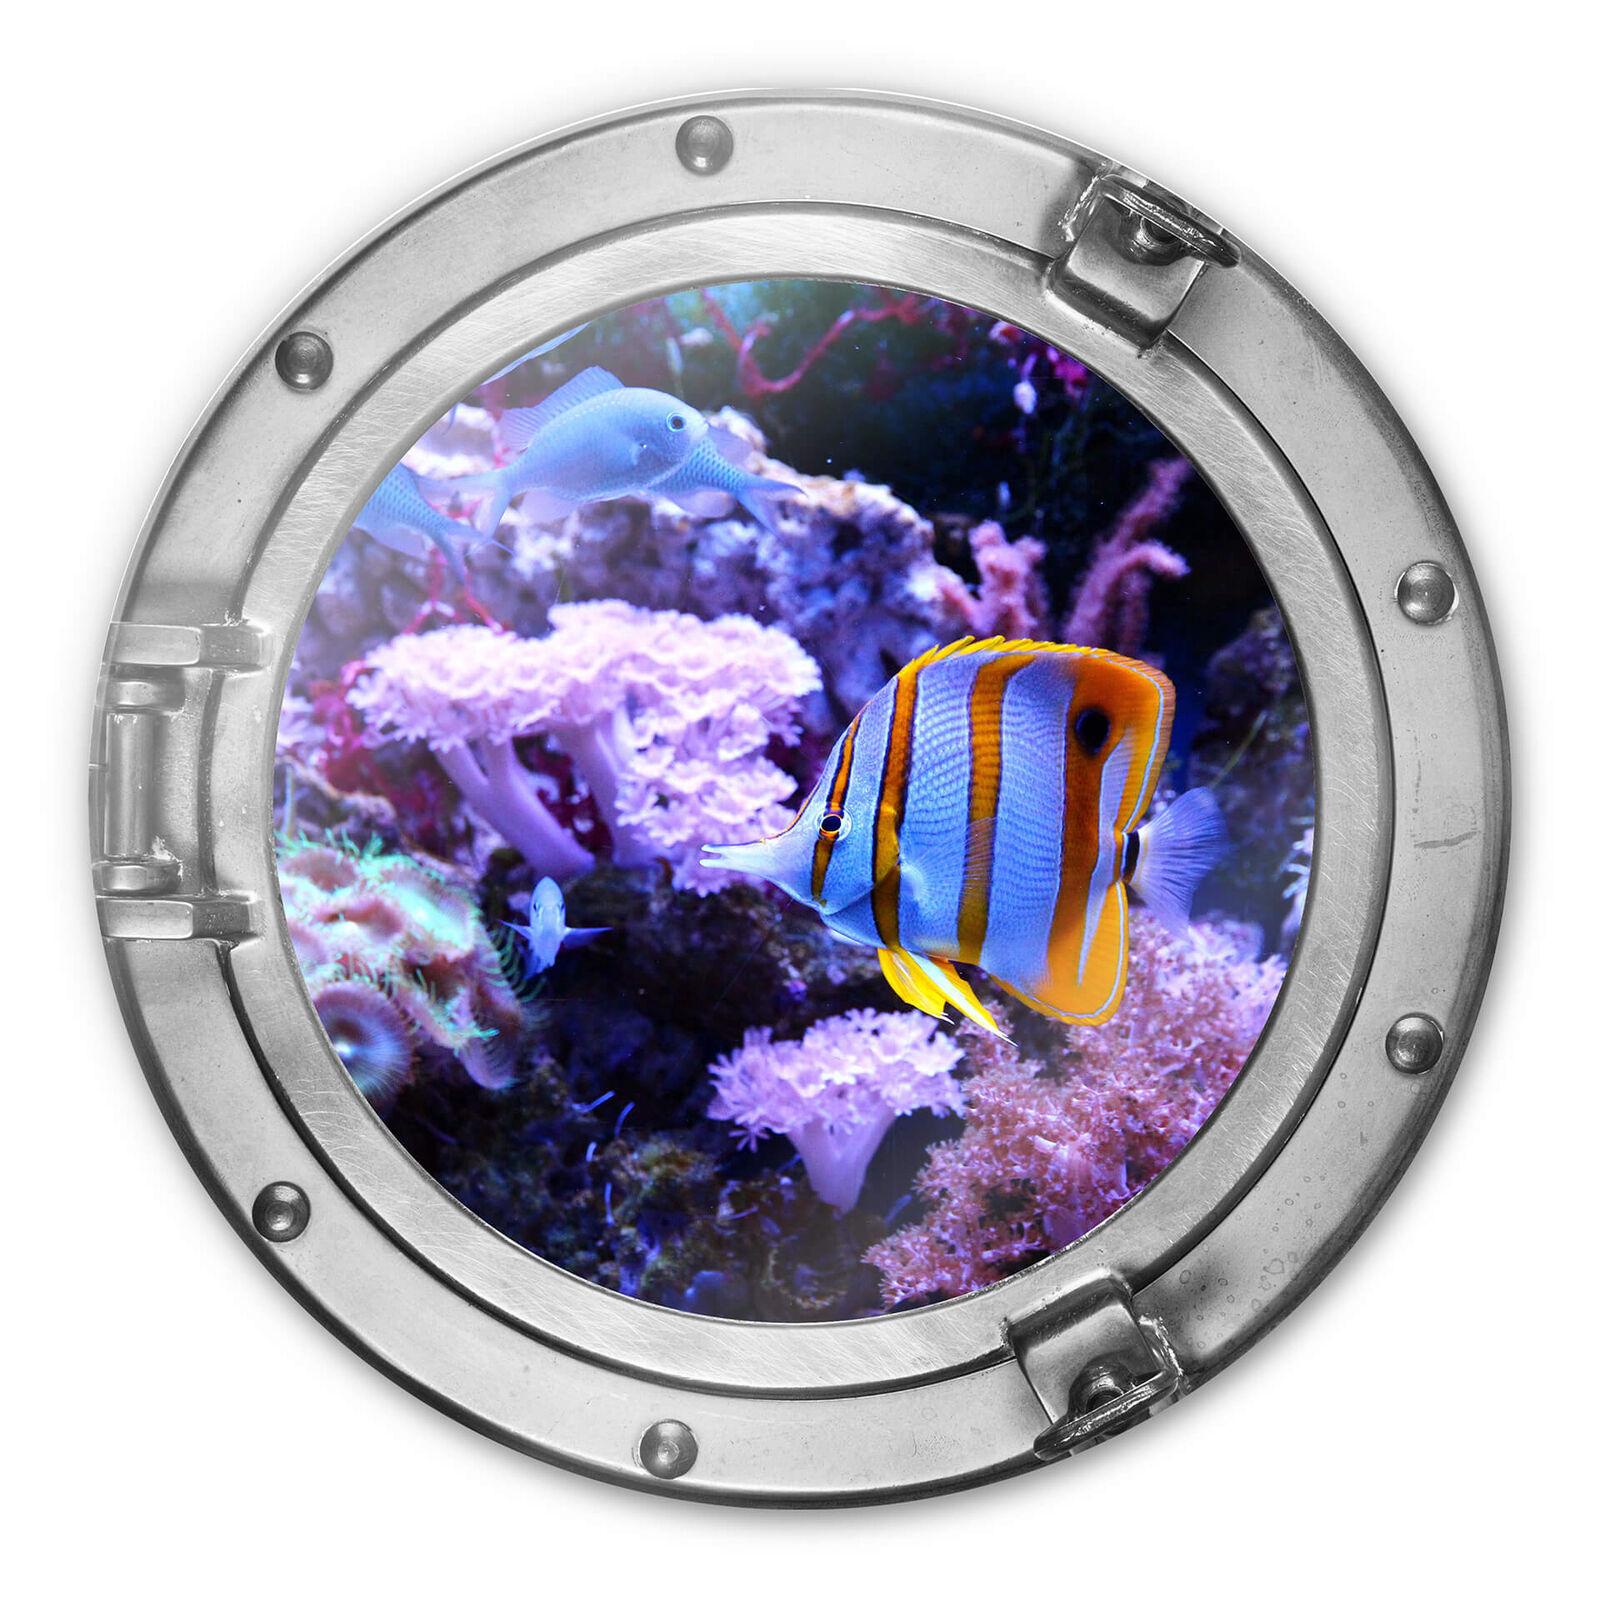 Immagine di vetro tondo 3d-ottica oblò-Coloreeeato mondo subacqueo-CORALLO VIOLA